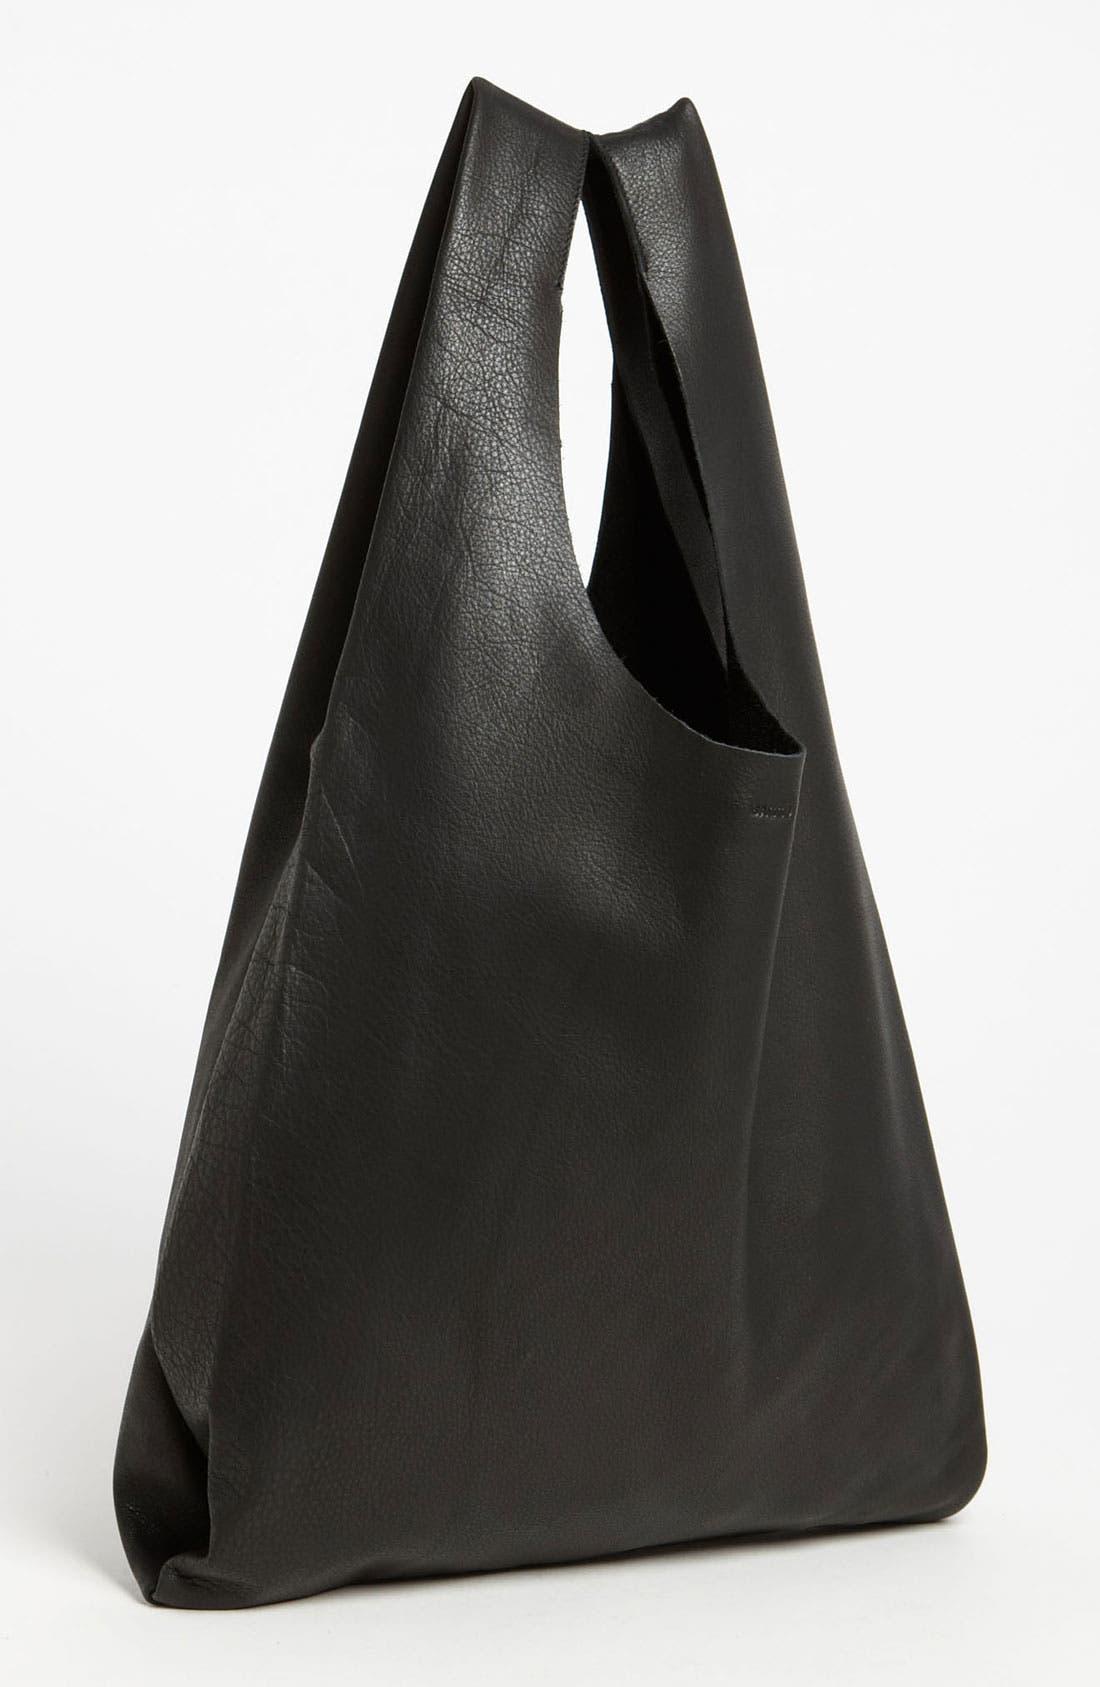 Main Image - Baggu® 'Medium' Leather Shoulder Bag